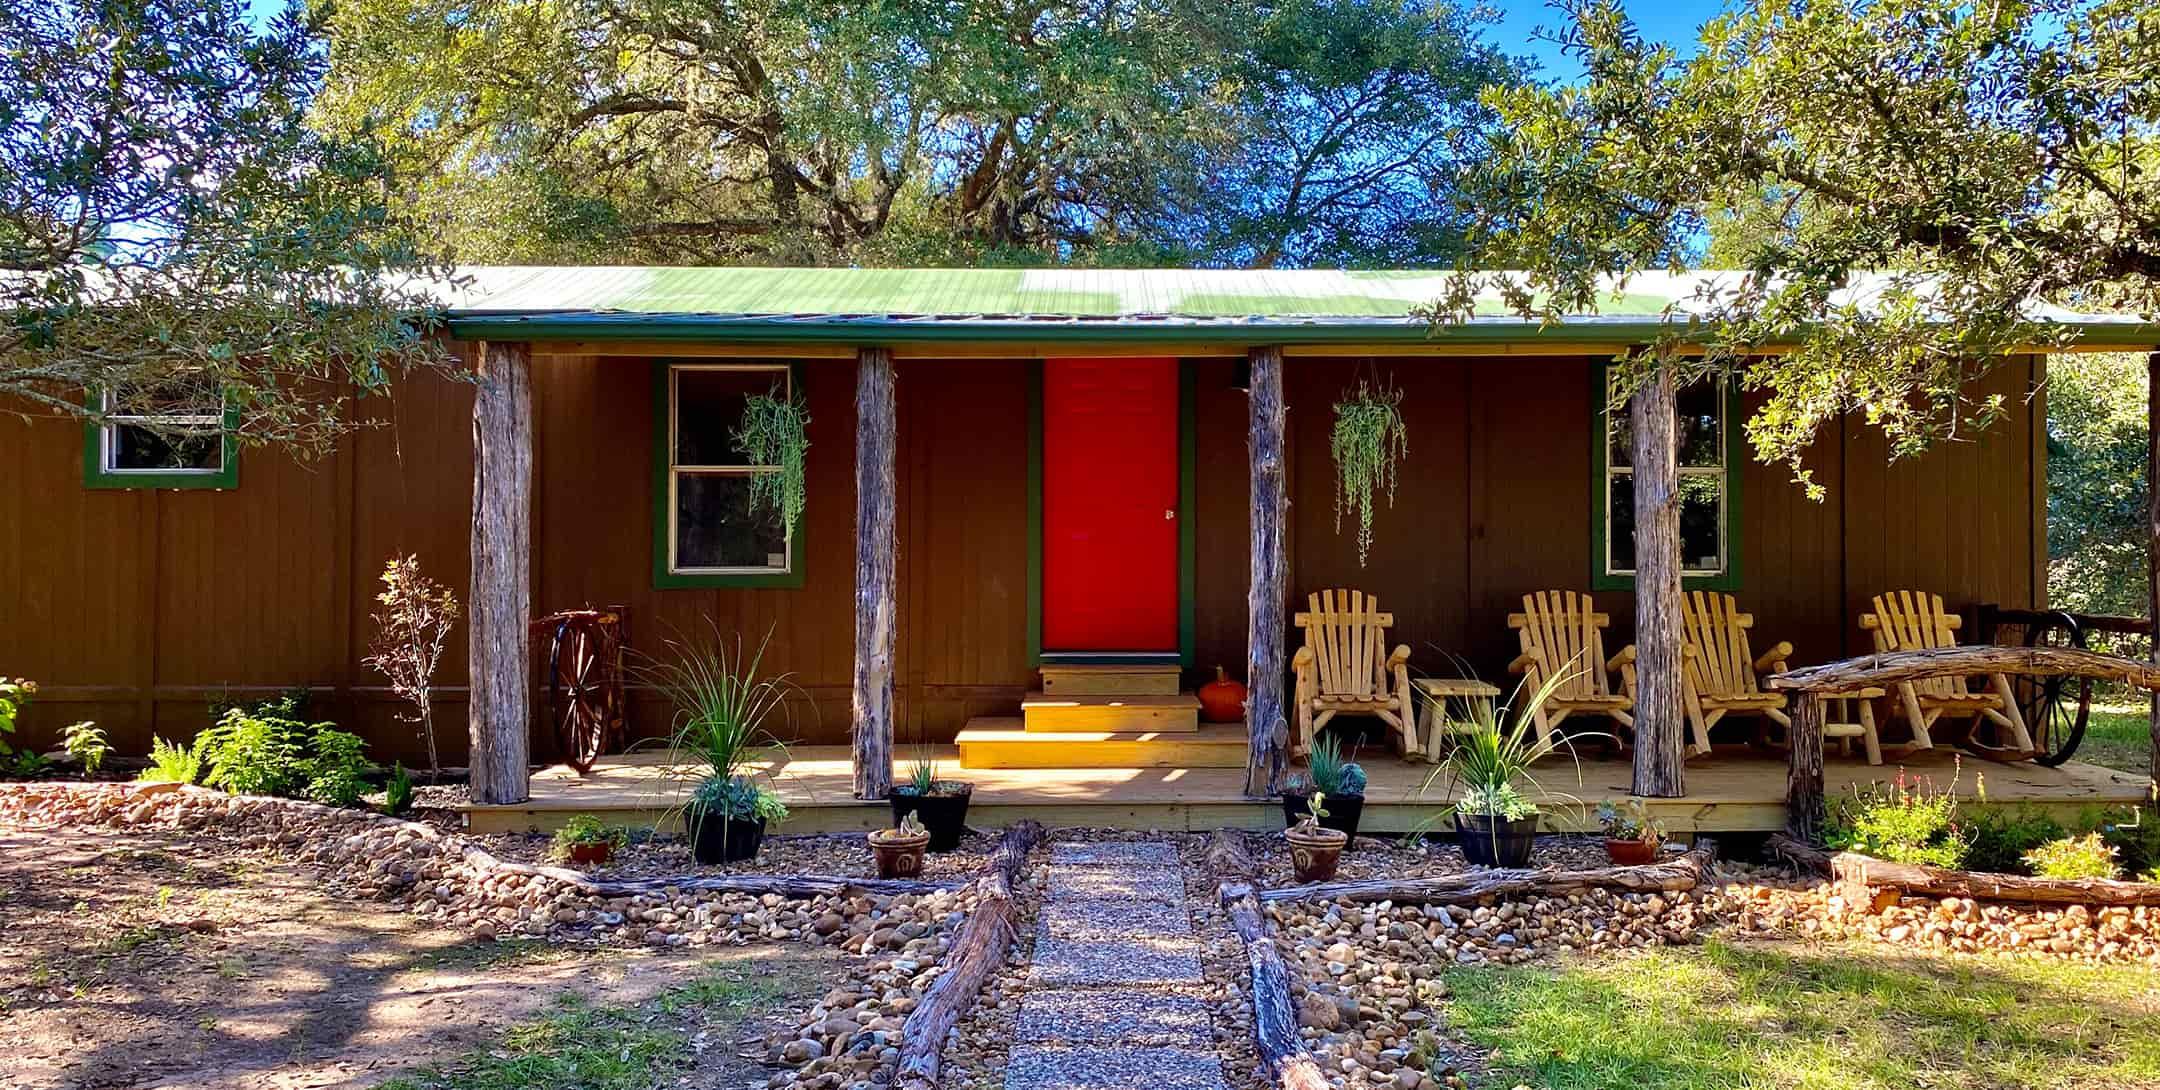 Hideaway private cabin rental near Houston